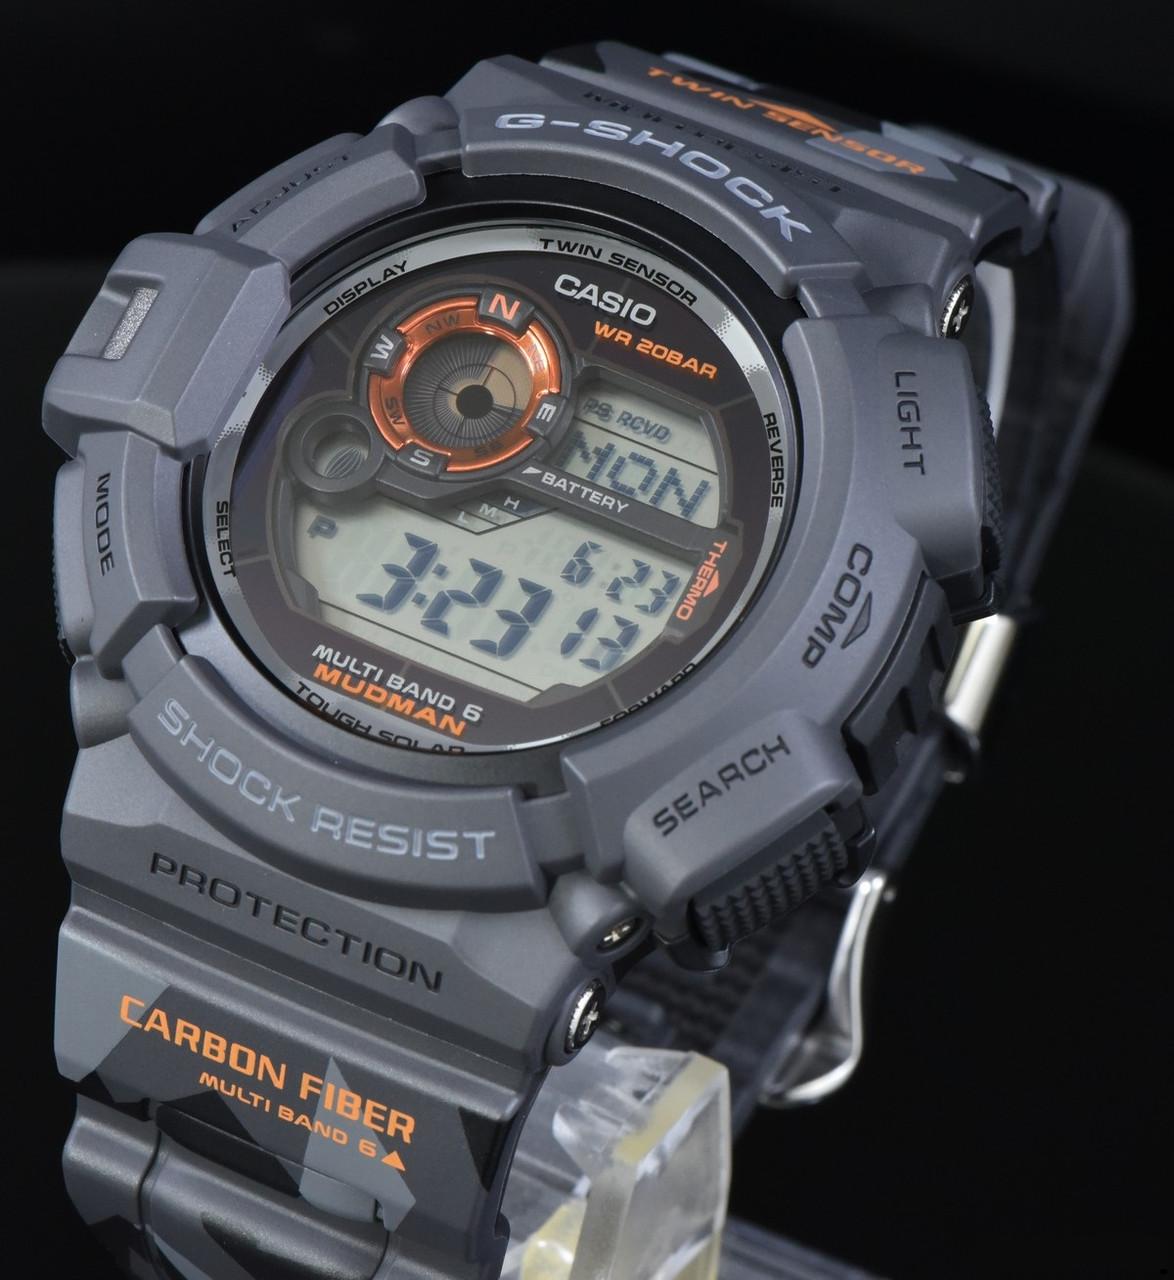 Часы Casio G-Shock GW-9300CM-1E Mudman Limited Edition B.